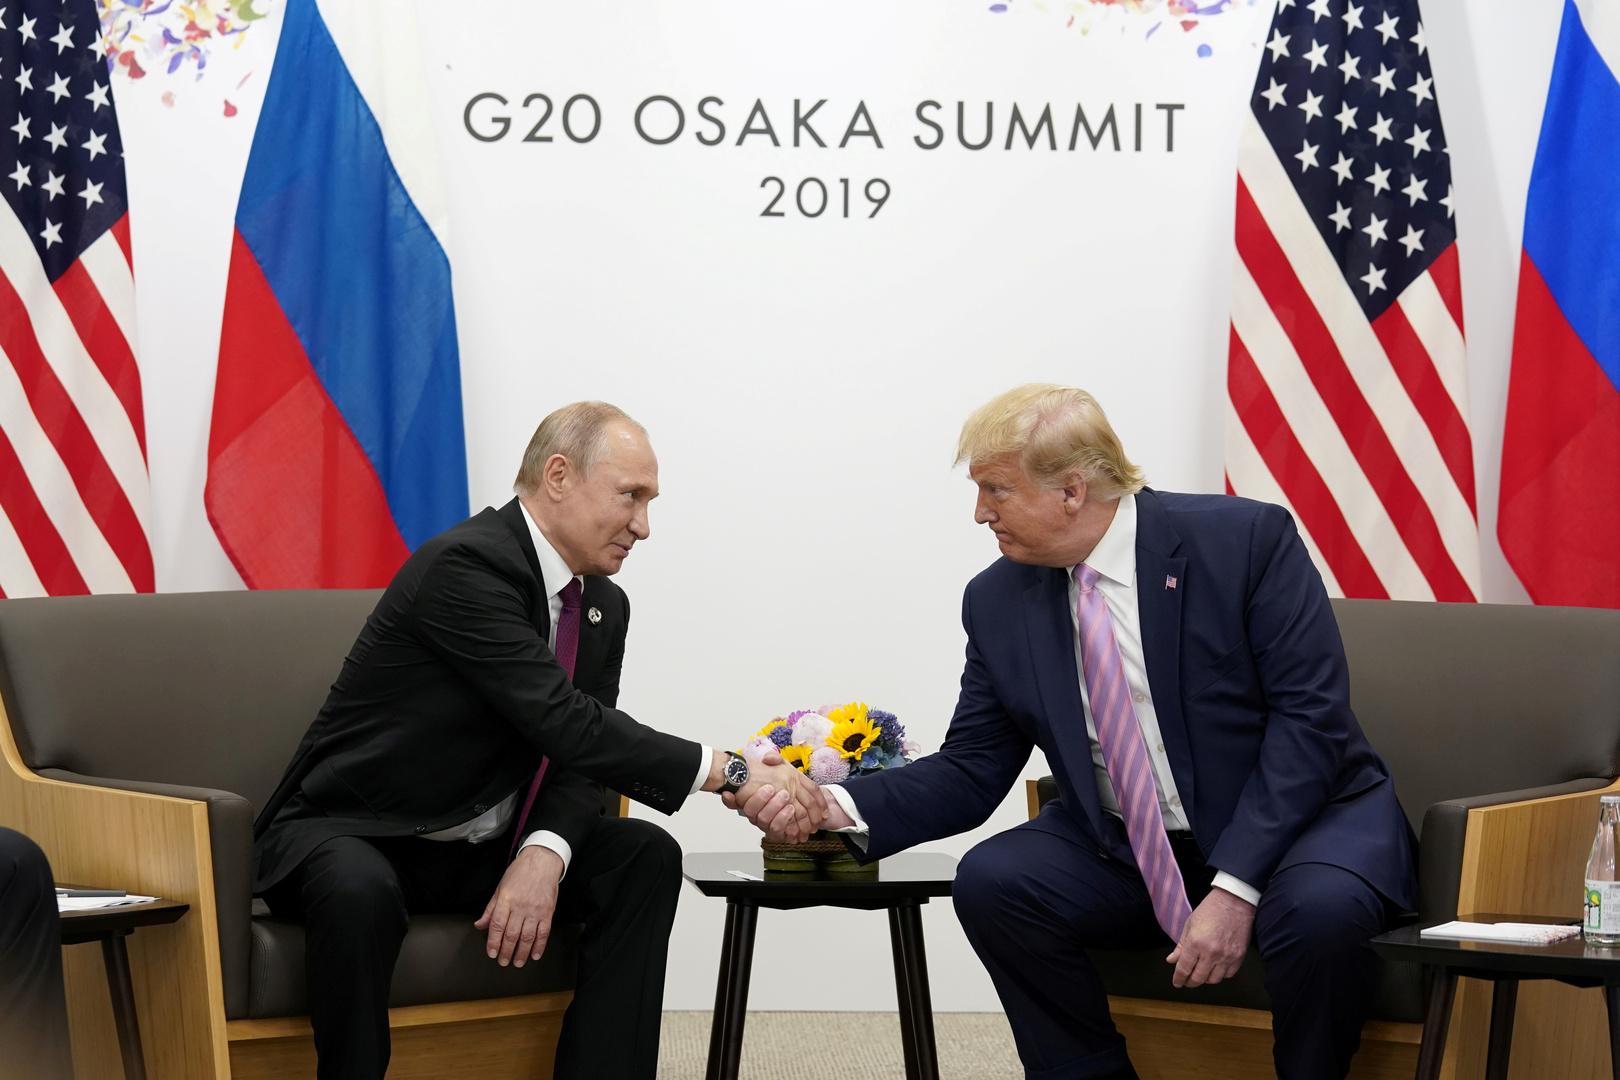 الرئيس الروسي، فلاديمير بوتين، ونظيره الأمريكي، دونالد ترامب (أوساكا، 28 يونيو 2019)